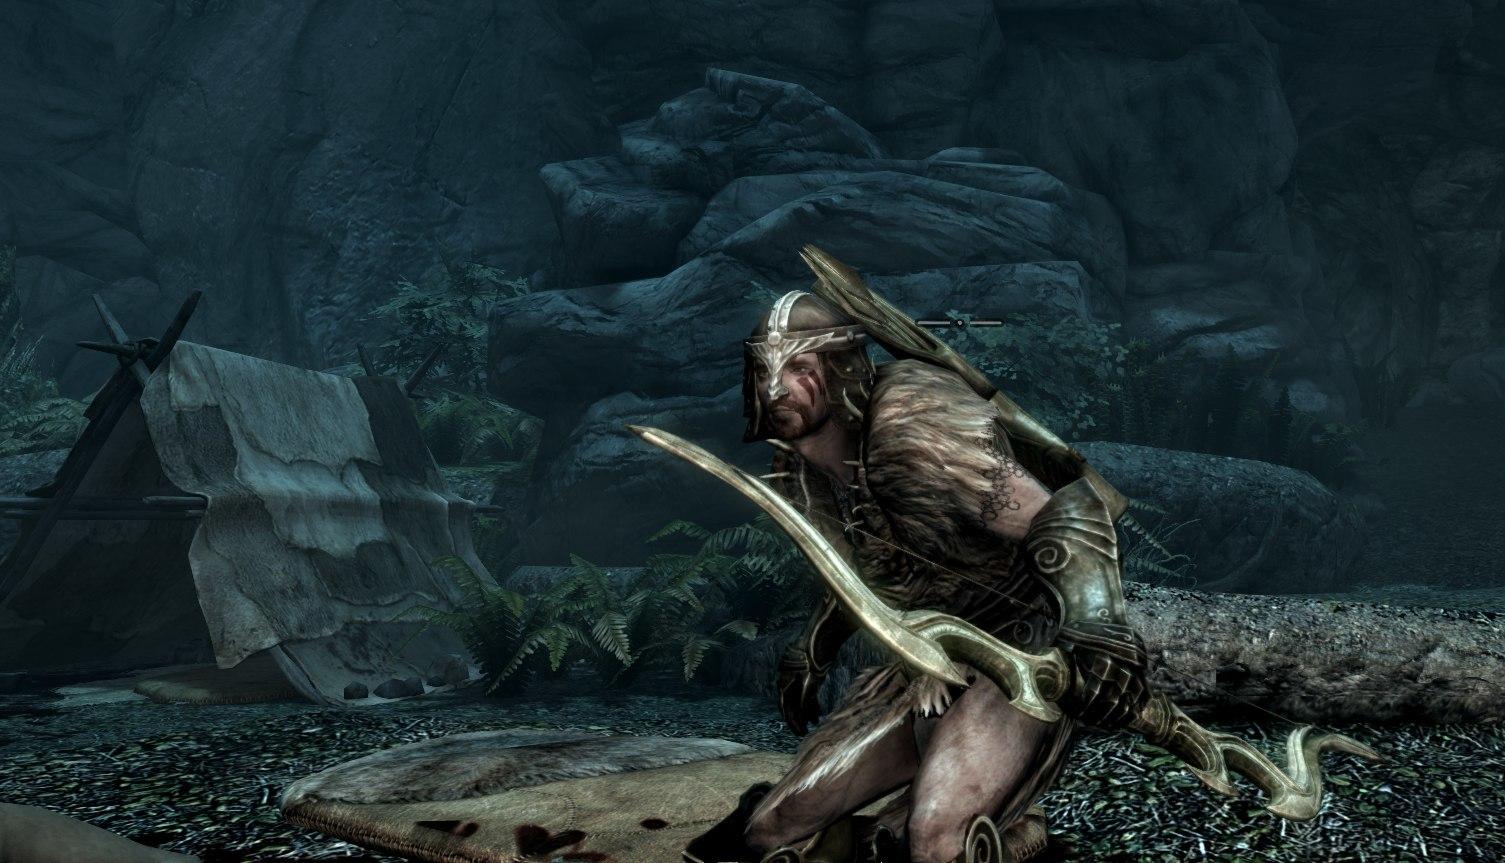 Skyrim Special Edition - Games - Quarter To Three Forums